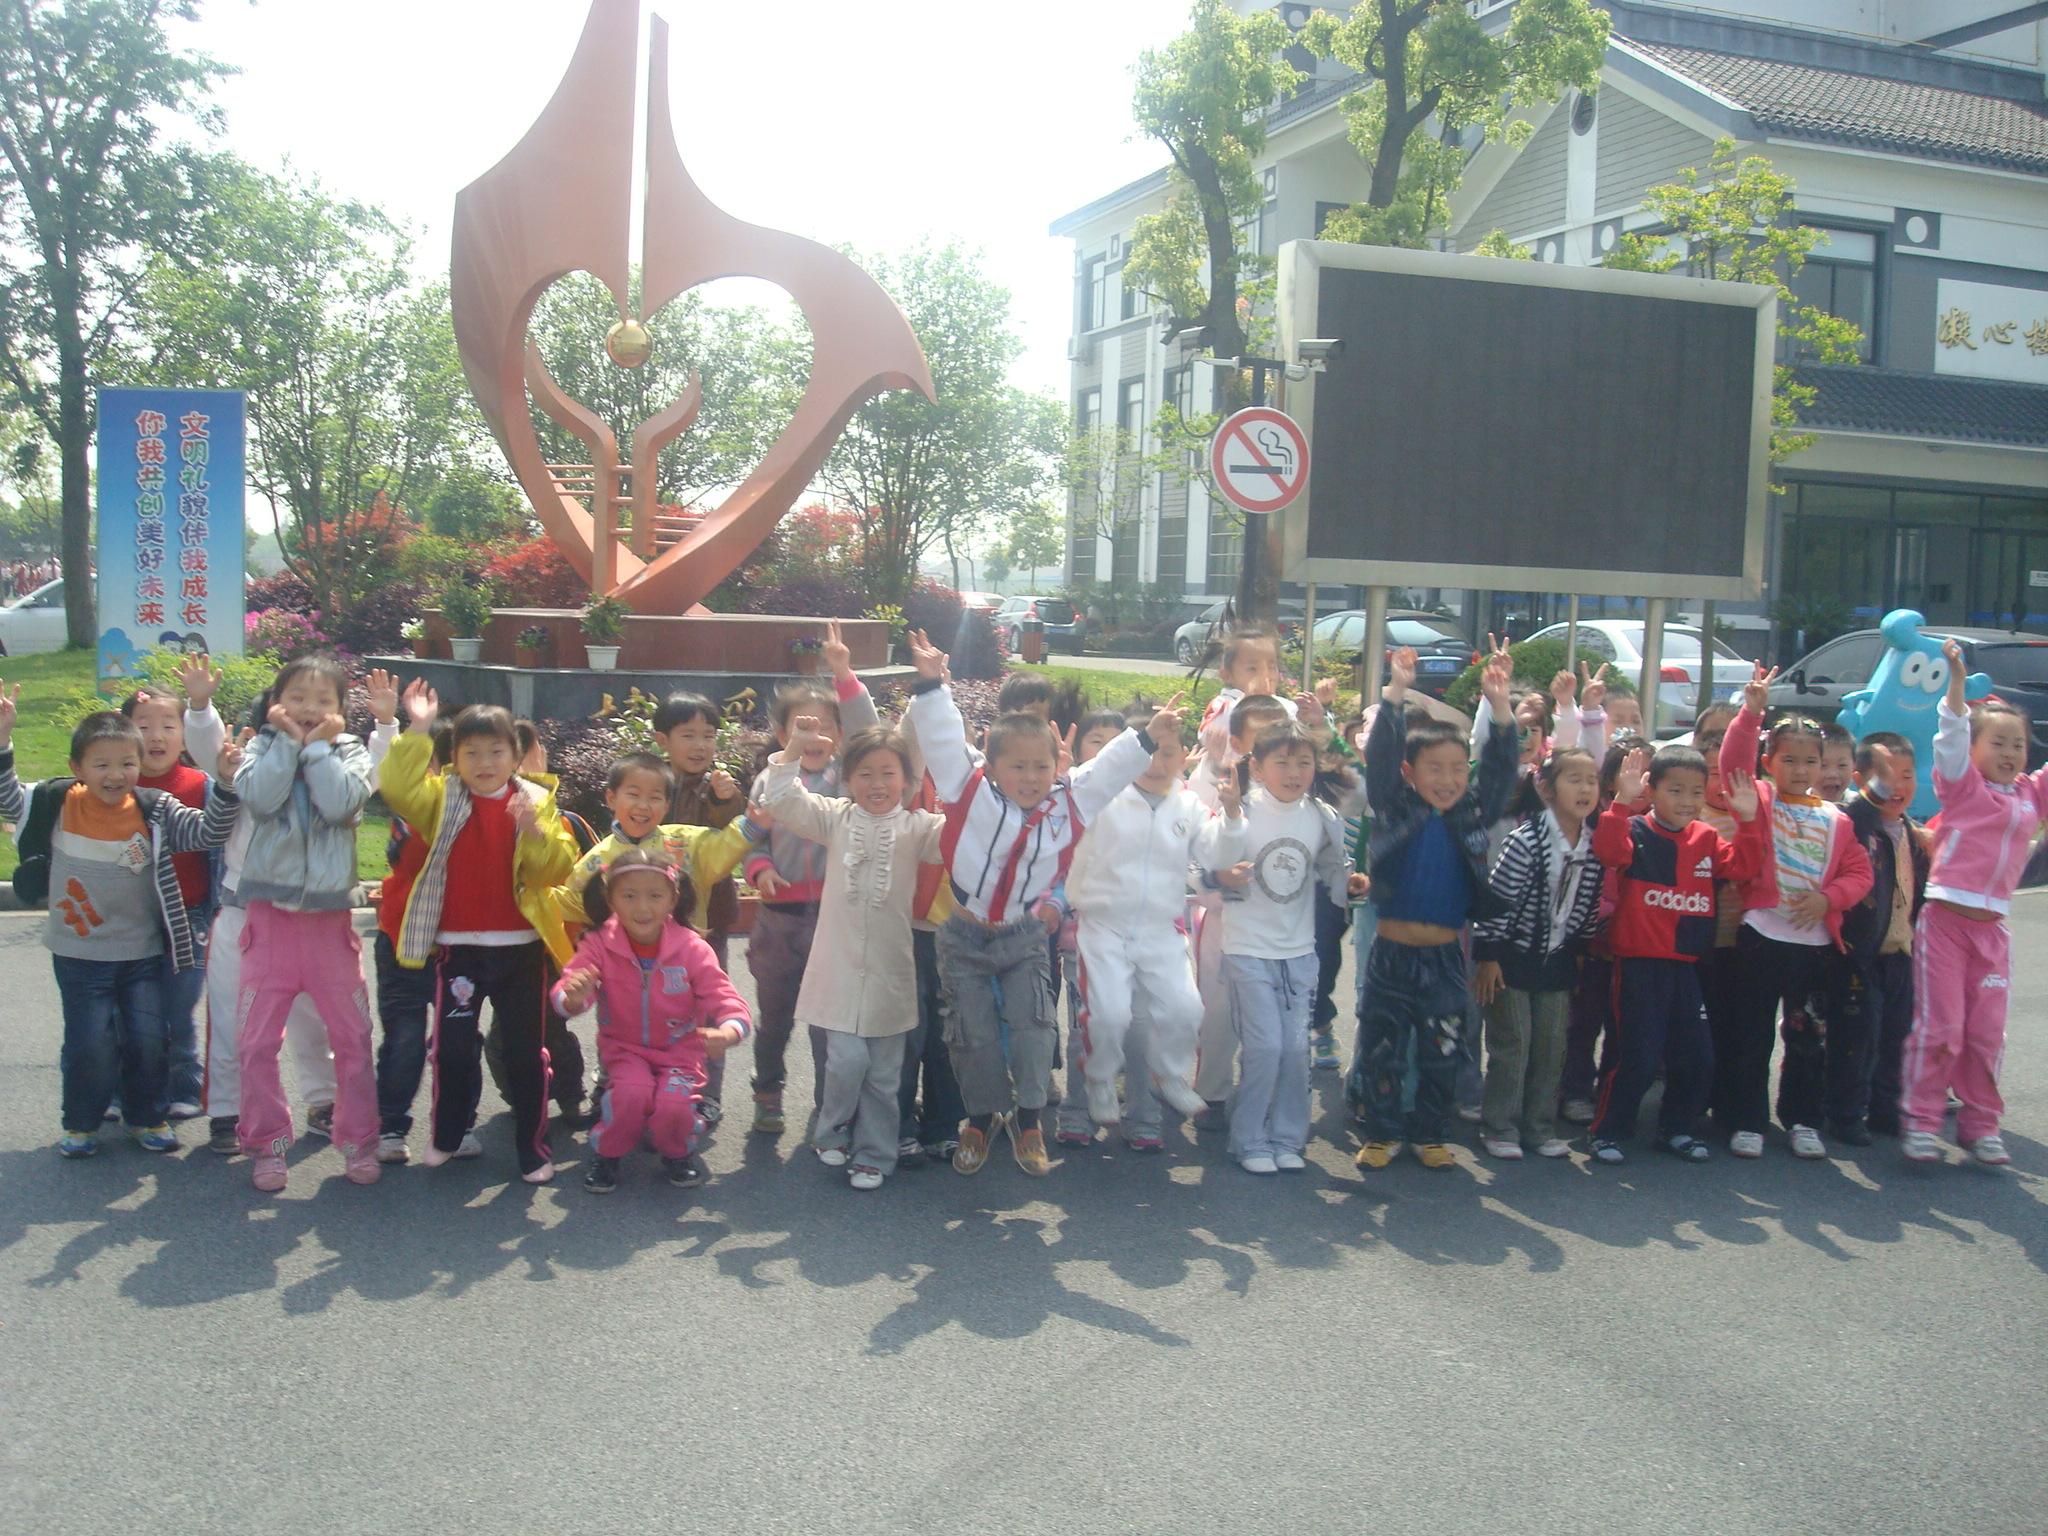 我们在小学雕塑前的集体照!美丽的小学,等我哦~!图片